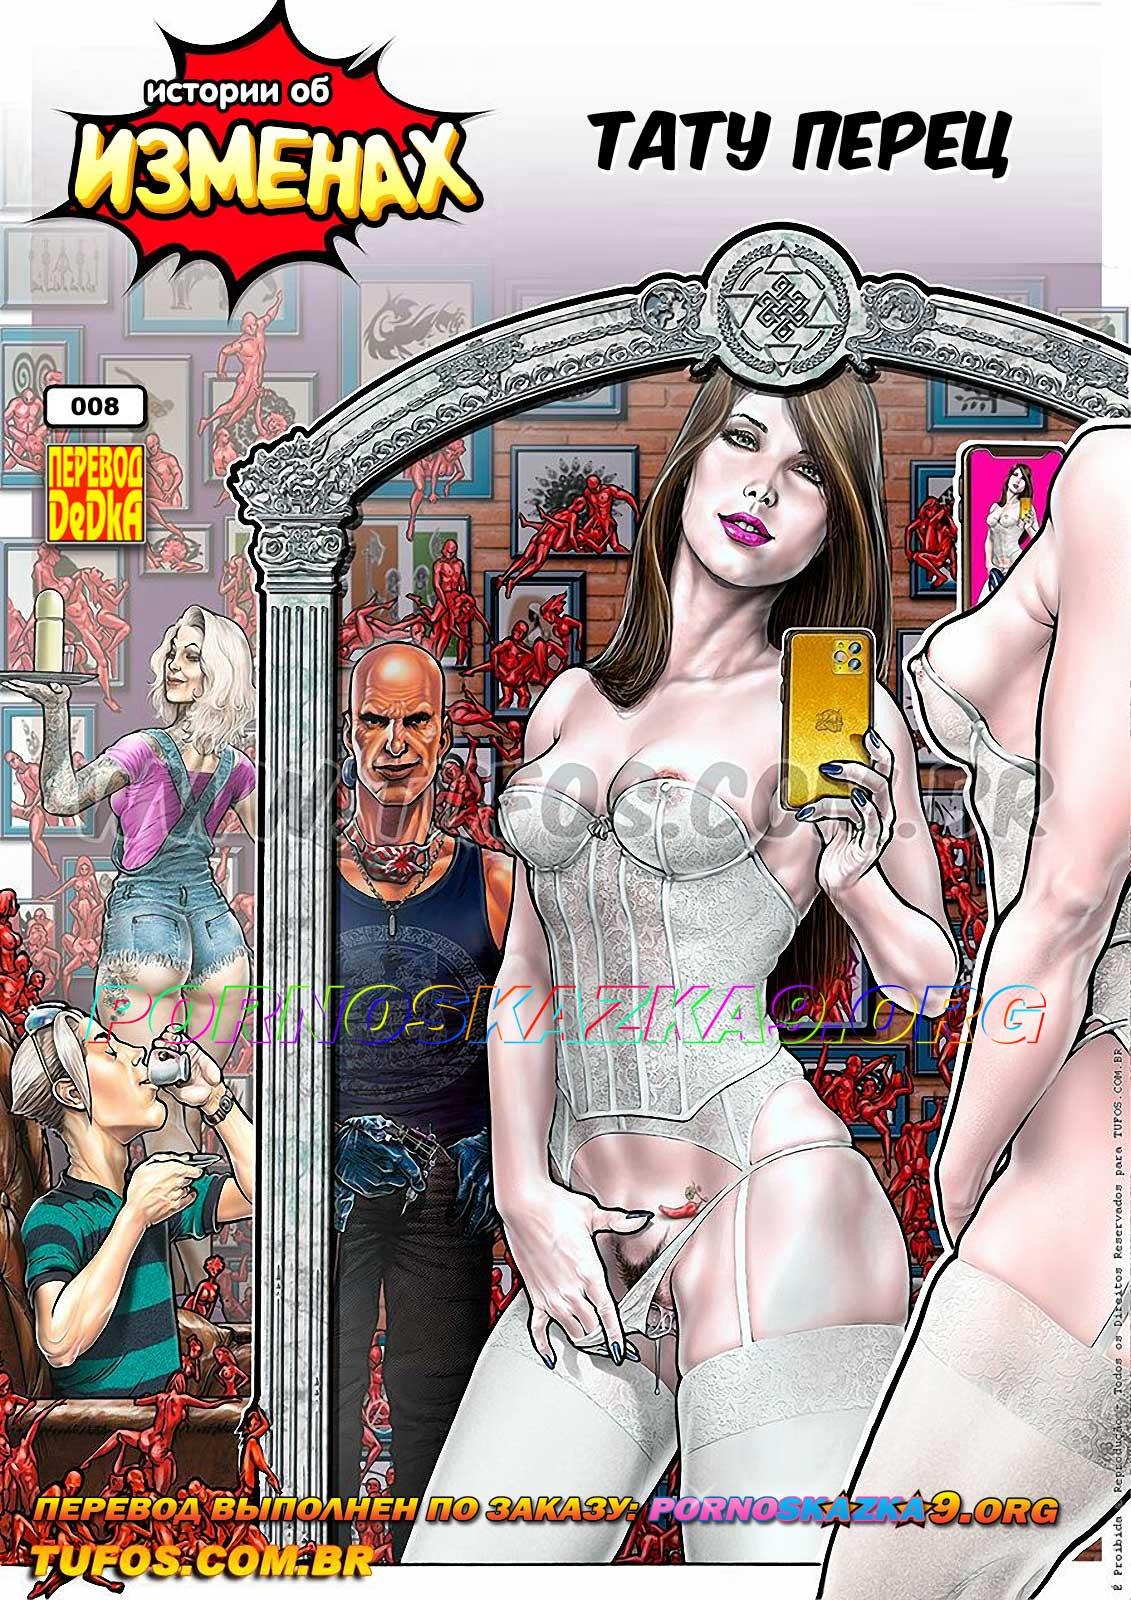 порно комикс Истории об изменах 8